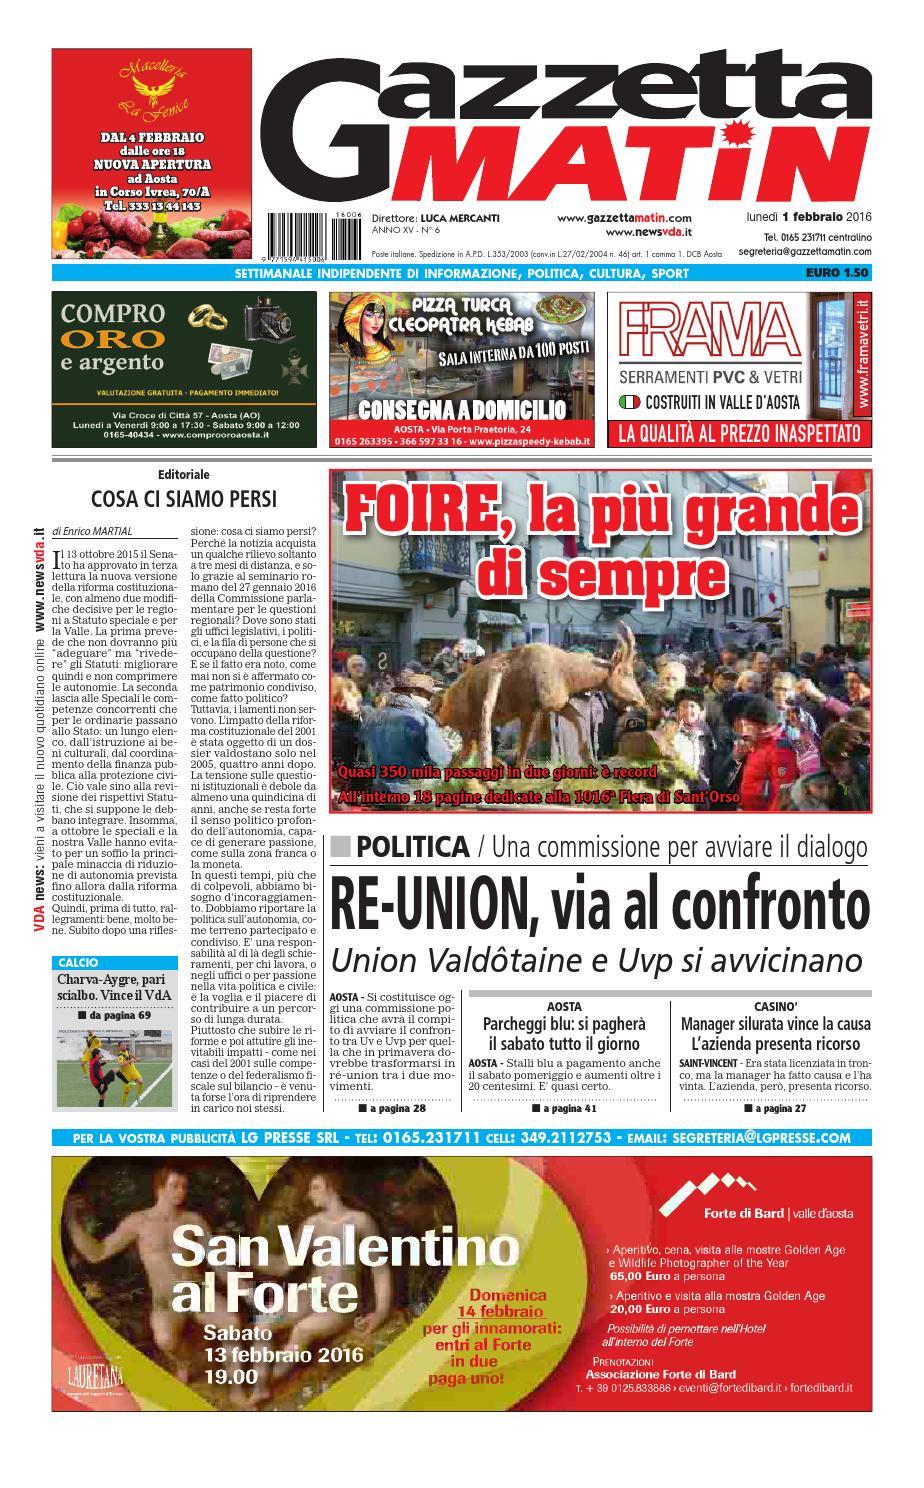 Gazzetta Matin dell'1 febbraio 2016 by NewsVDA issuu